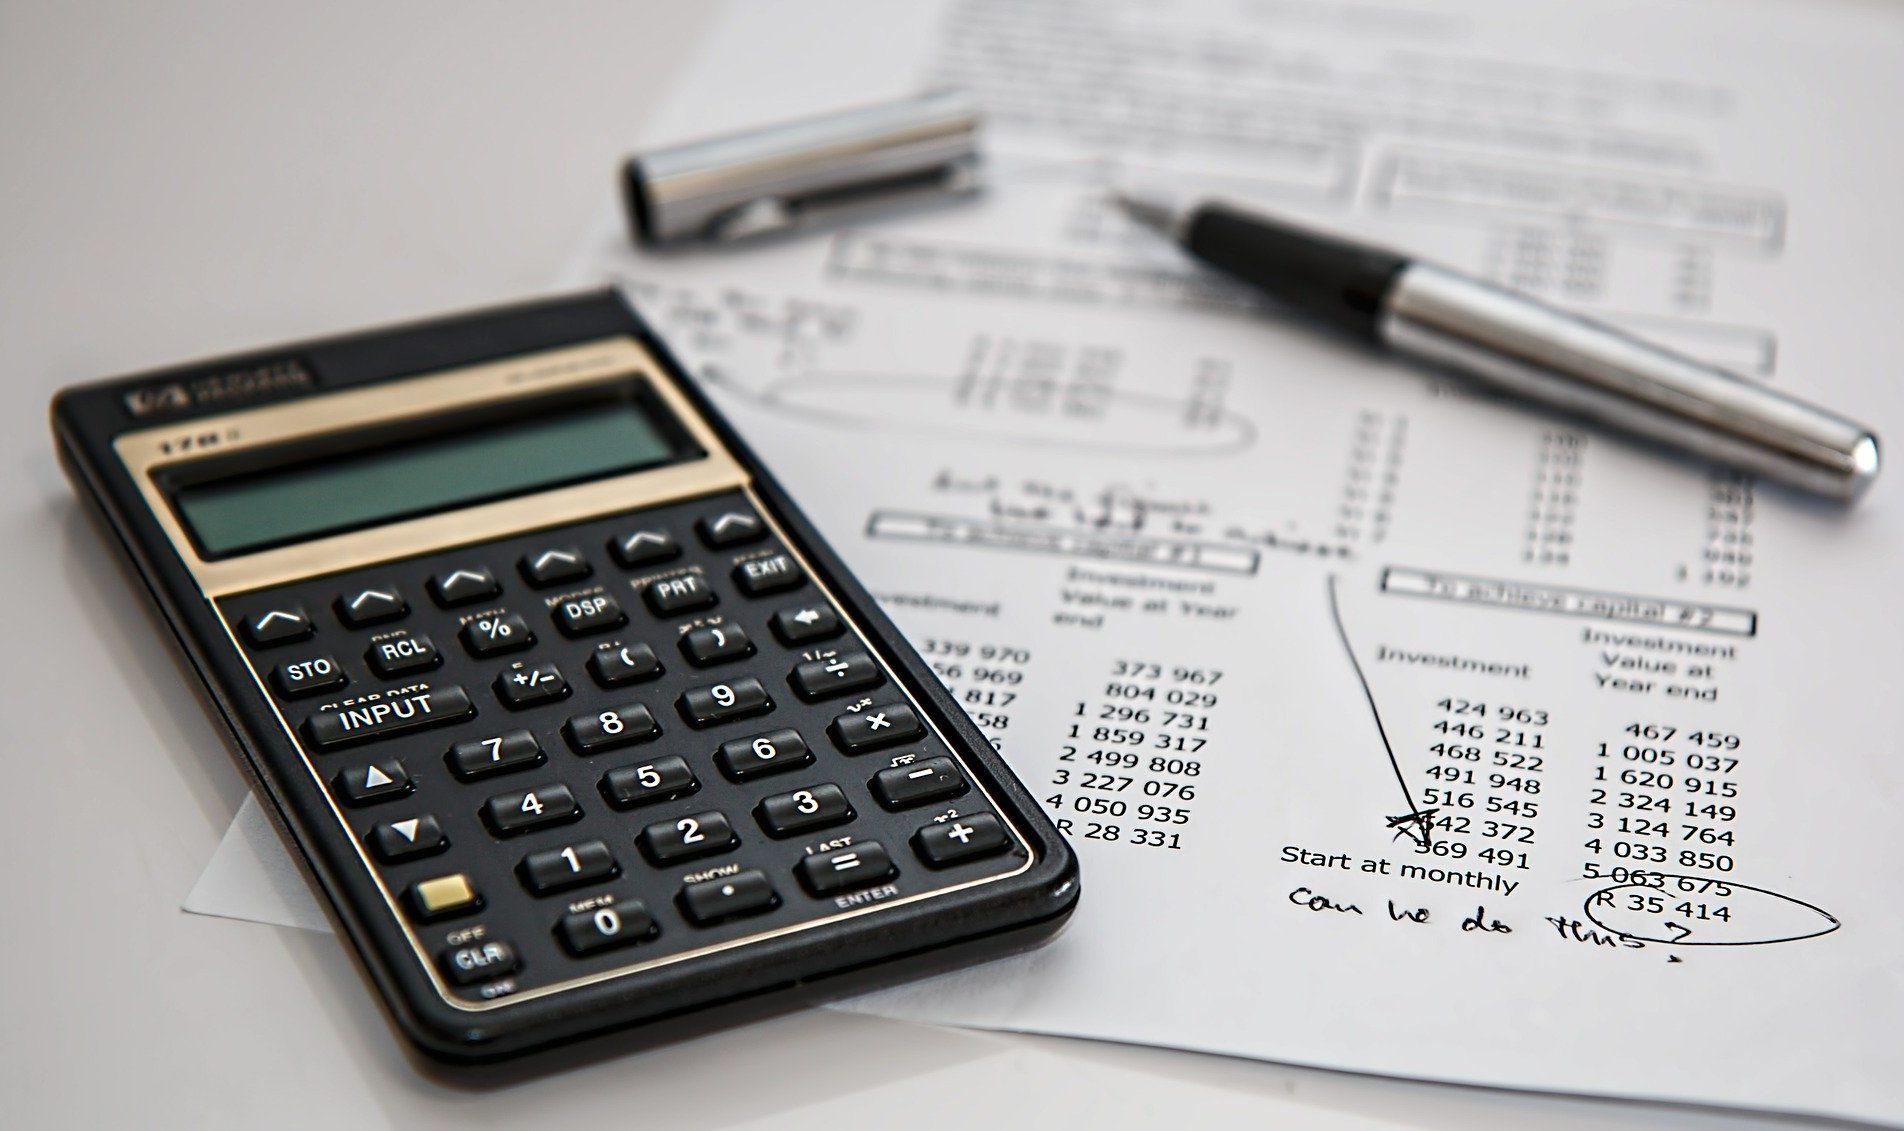 Covid-19 : possibilité de bénéficier d'un report des échéances Urssaf de juin 2020 pour les employeurs